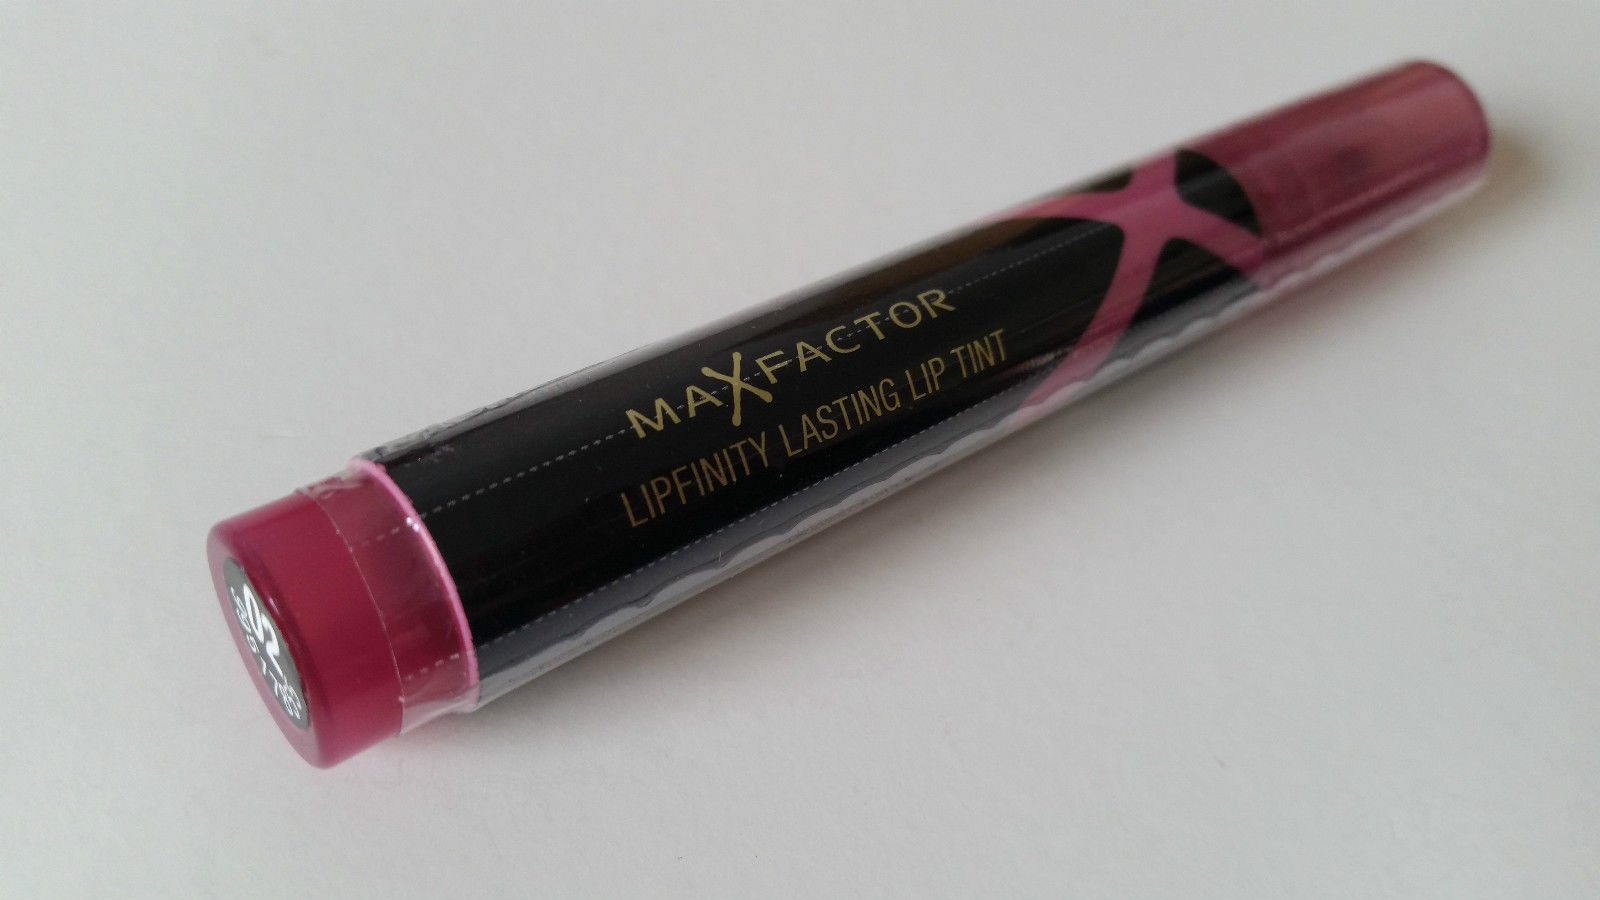 MAX FACTOR LIPFINITY LASTING LIP TINT - MYSTICAL MAUVE 02